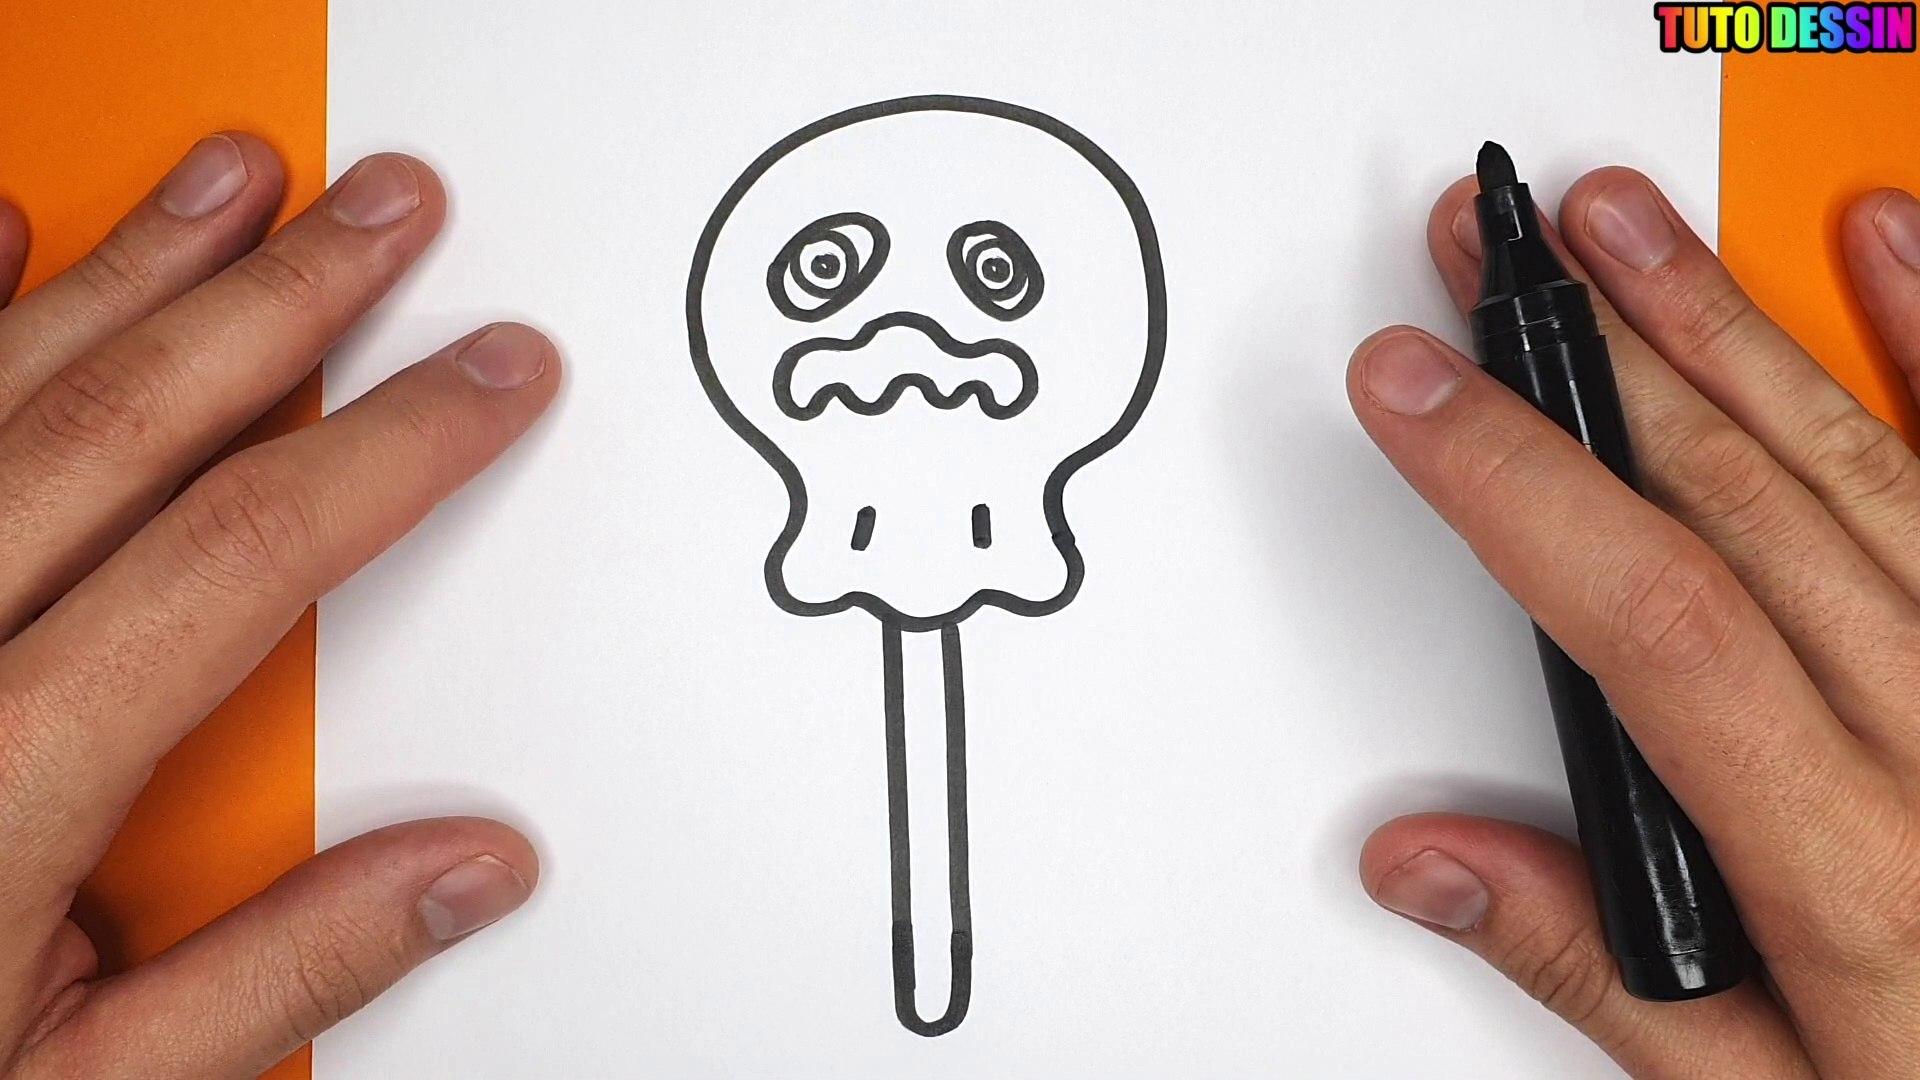 Comment Dessiner Un Bonbon Fantome Pour Halloween Tutodessin Video Dailymotion